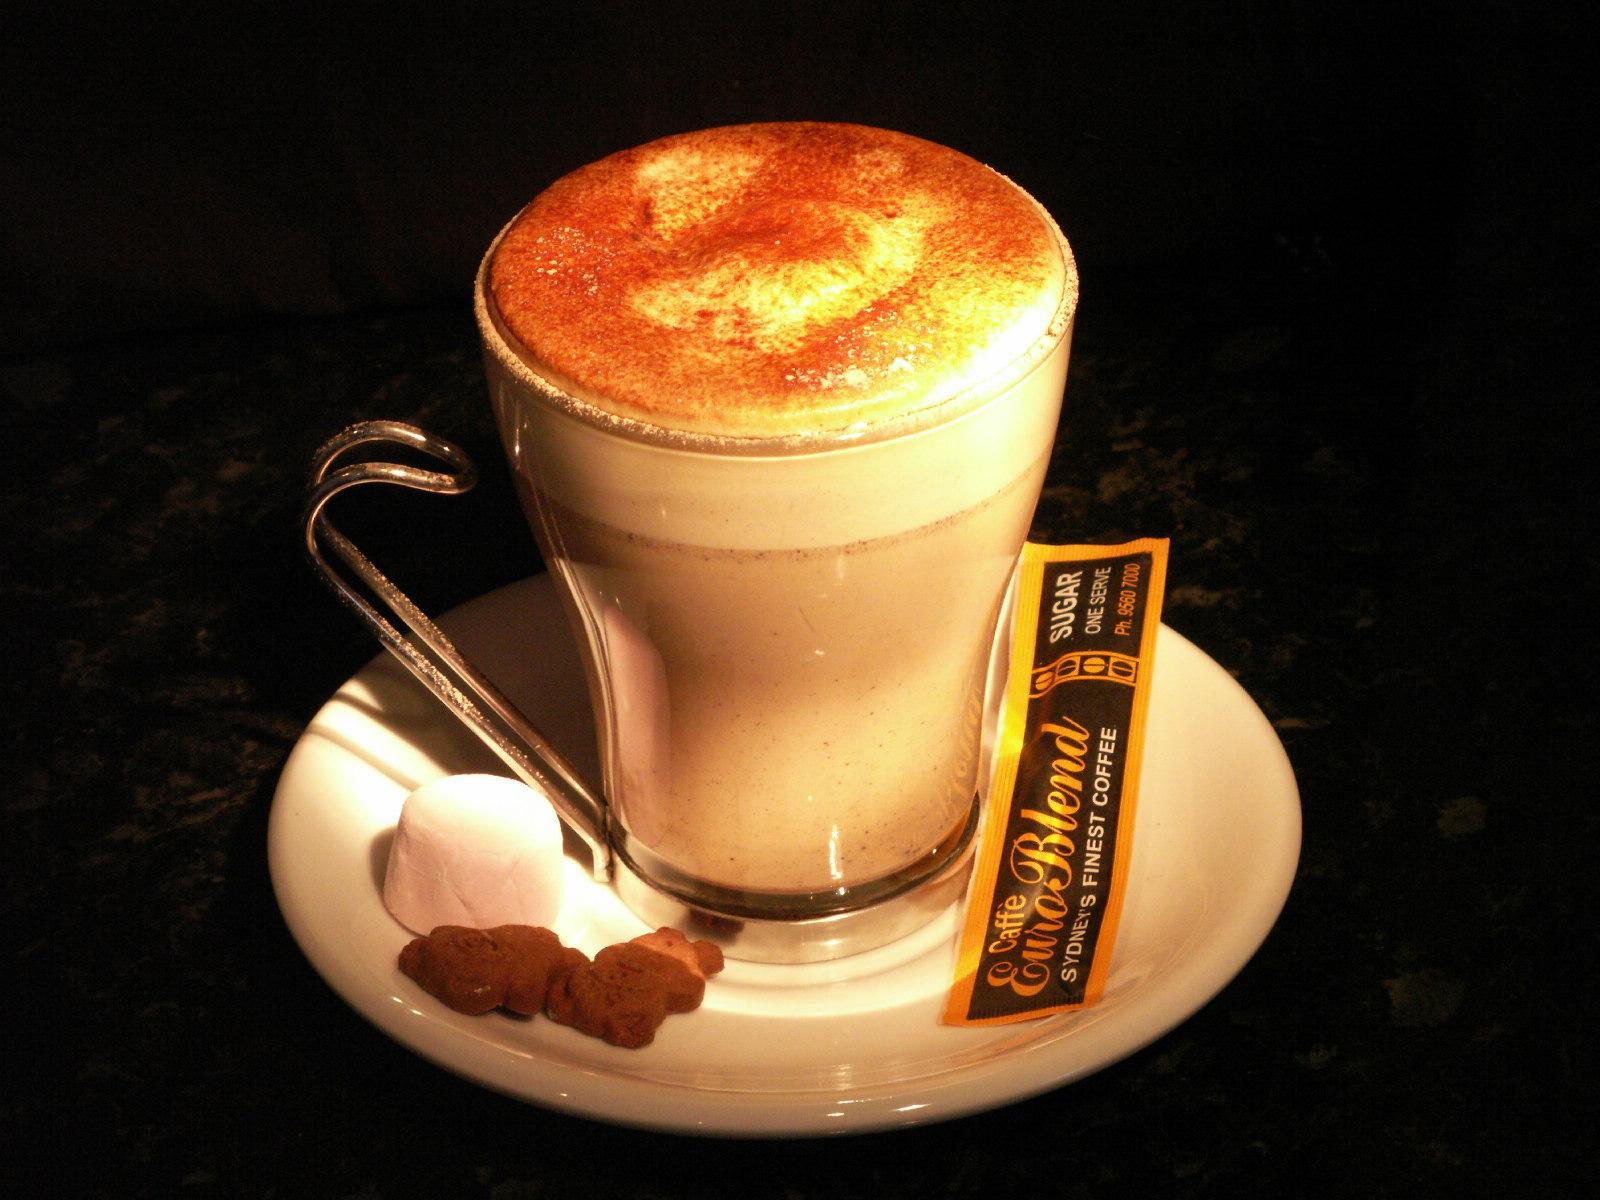 coffe wallpaper, стакан кофе на черном фоне, скачать фото